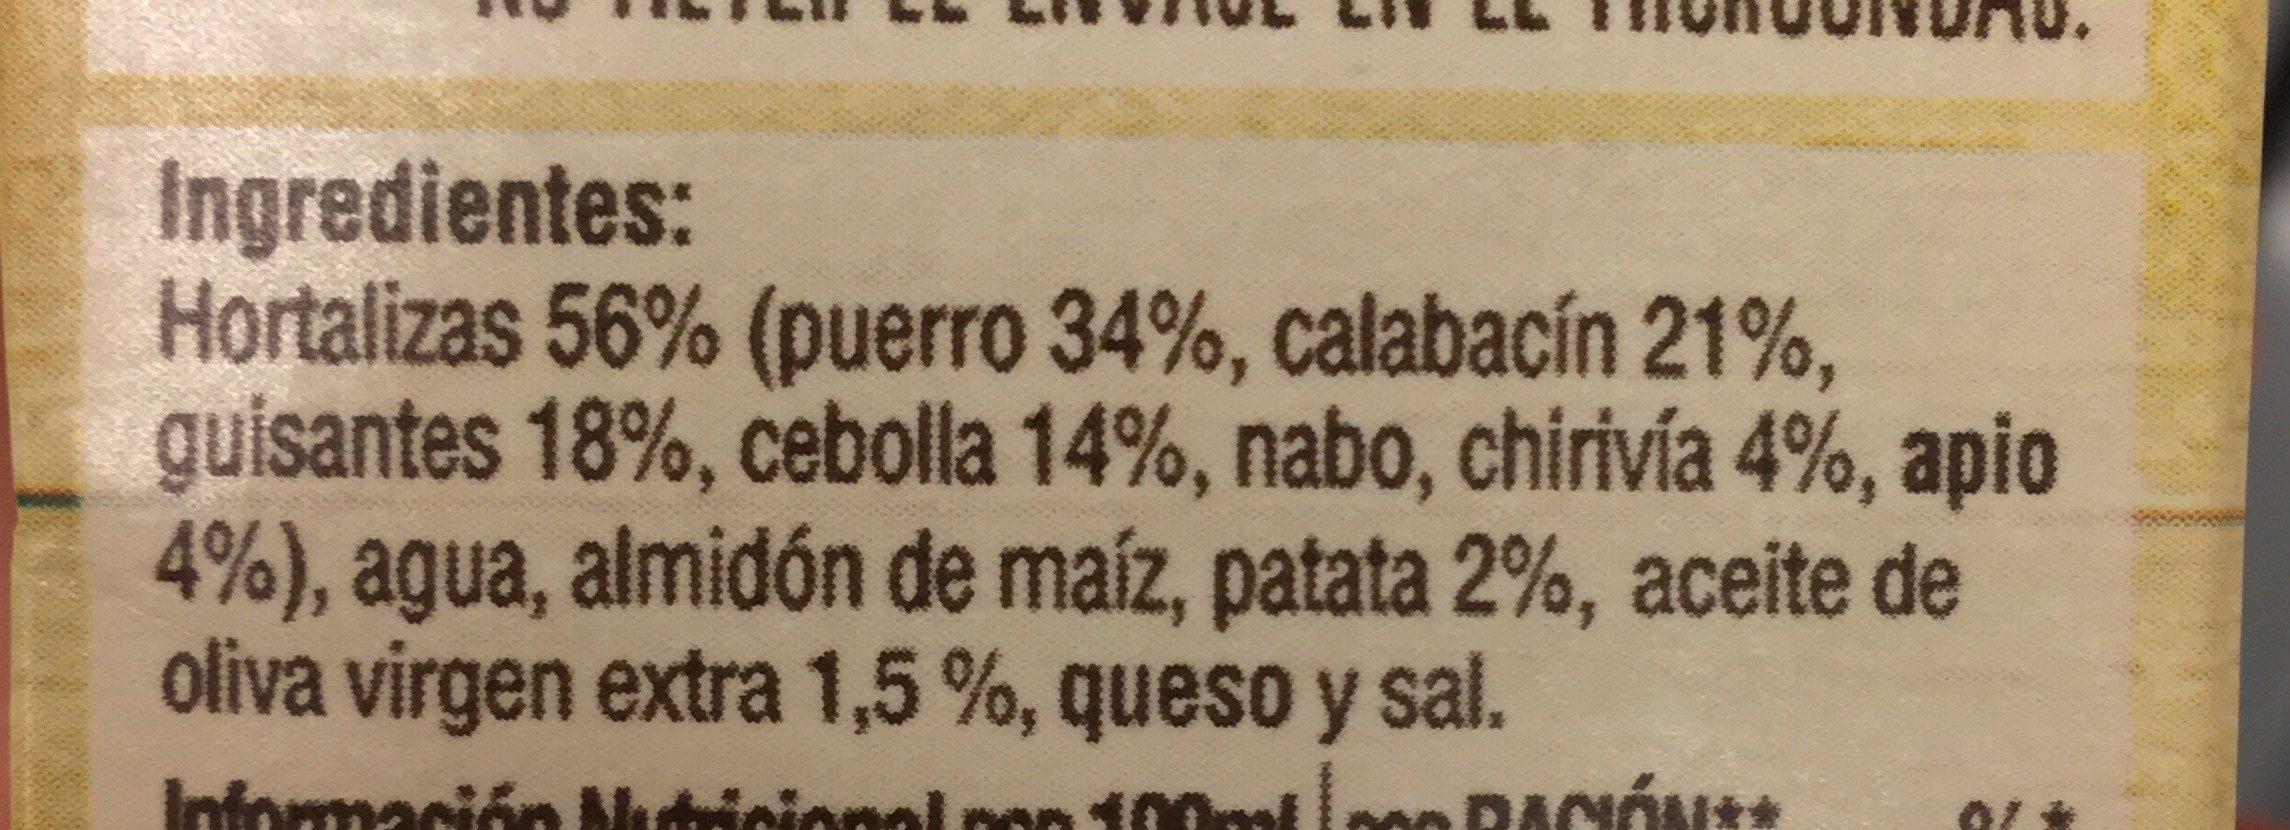 Crema casera 7 verduras - Ingredients - es